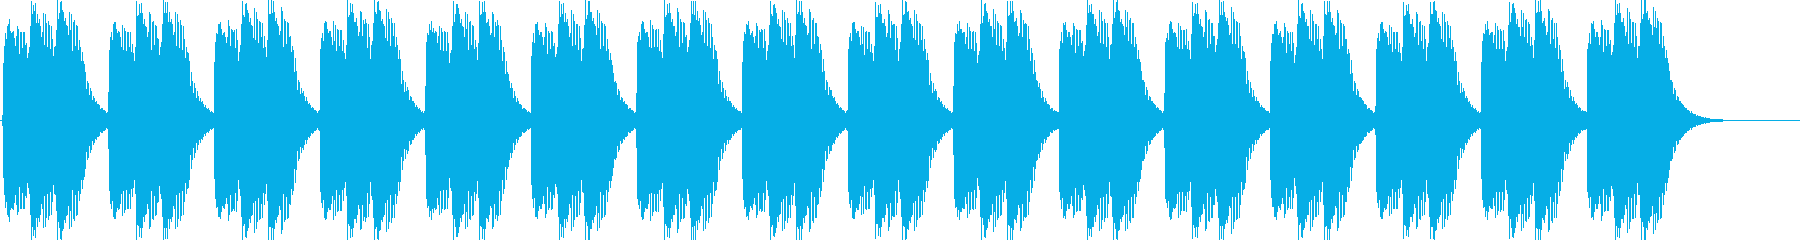 ピロピロピロ(目覚まし時計のアラーム音…の再生済みの波形